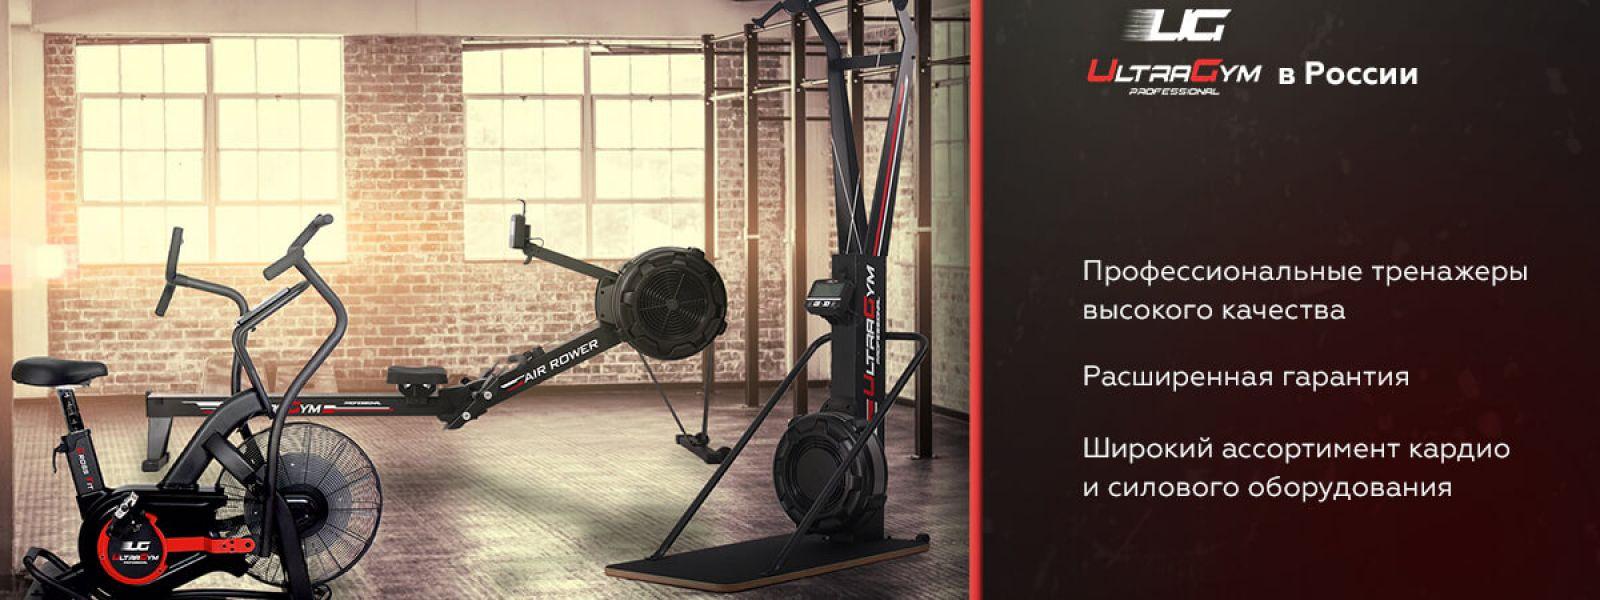 Ultra Gym